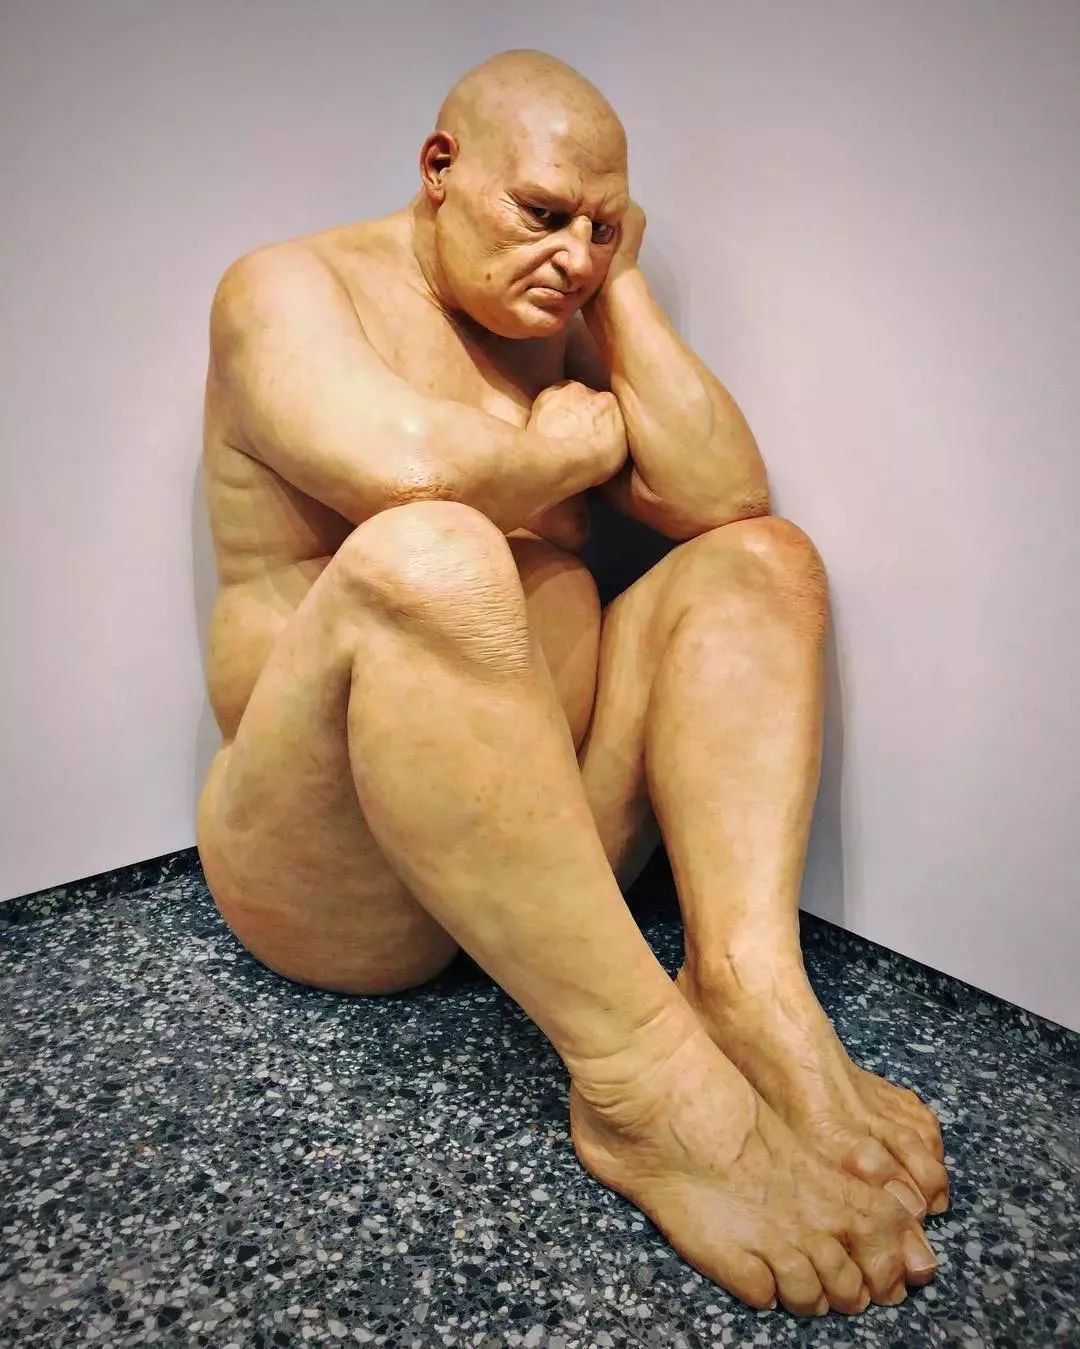 超震撼的人体雕塑,真实到毛骨悚然!插图27